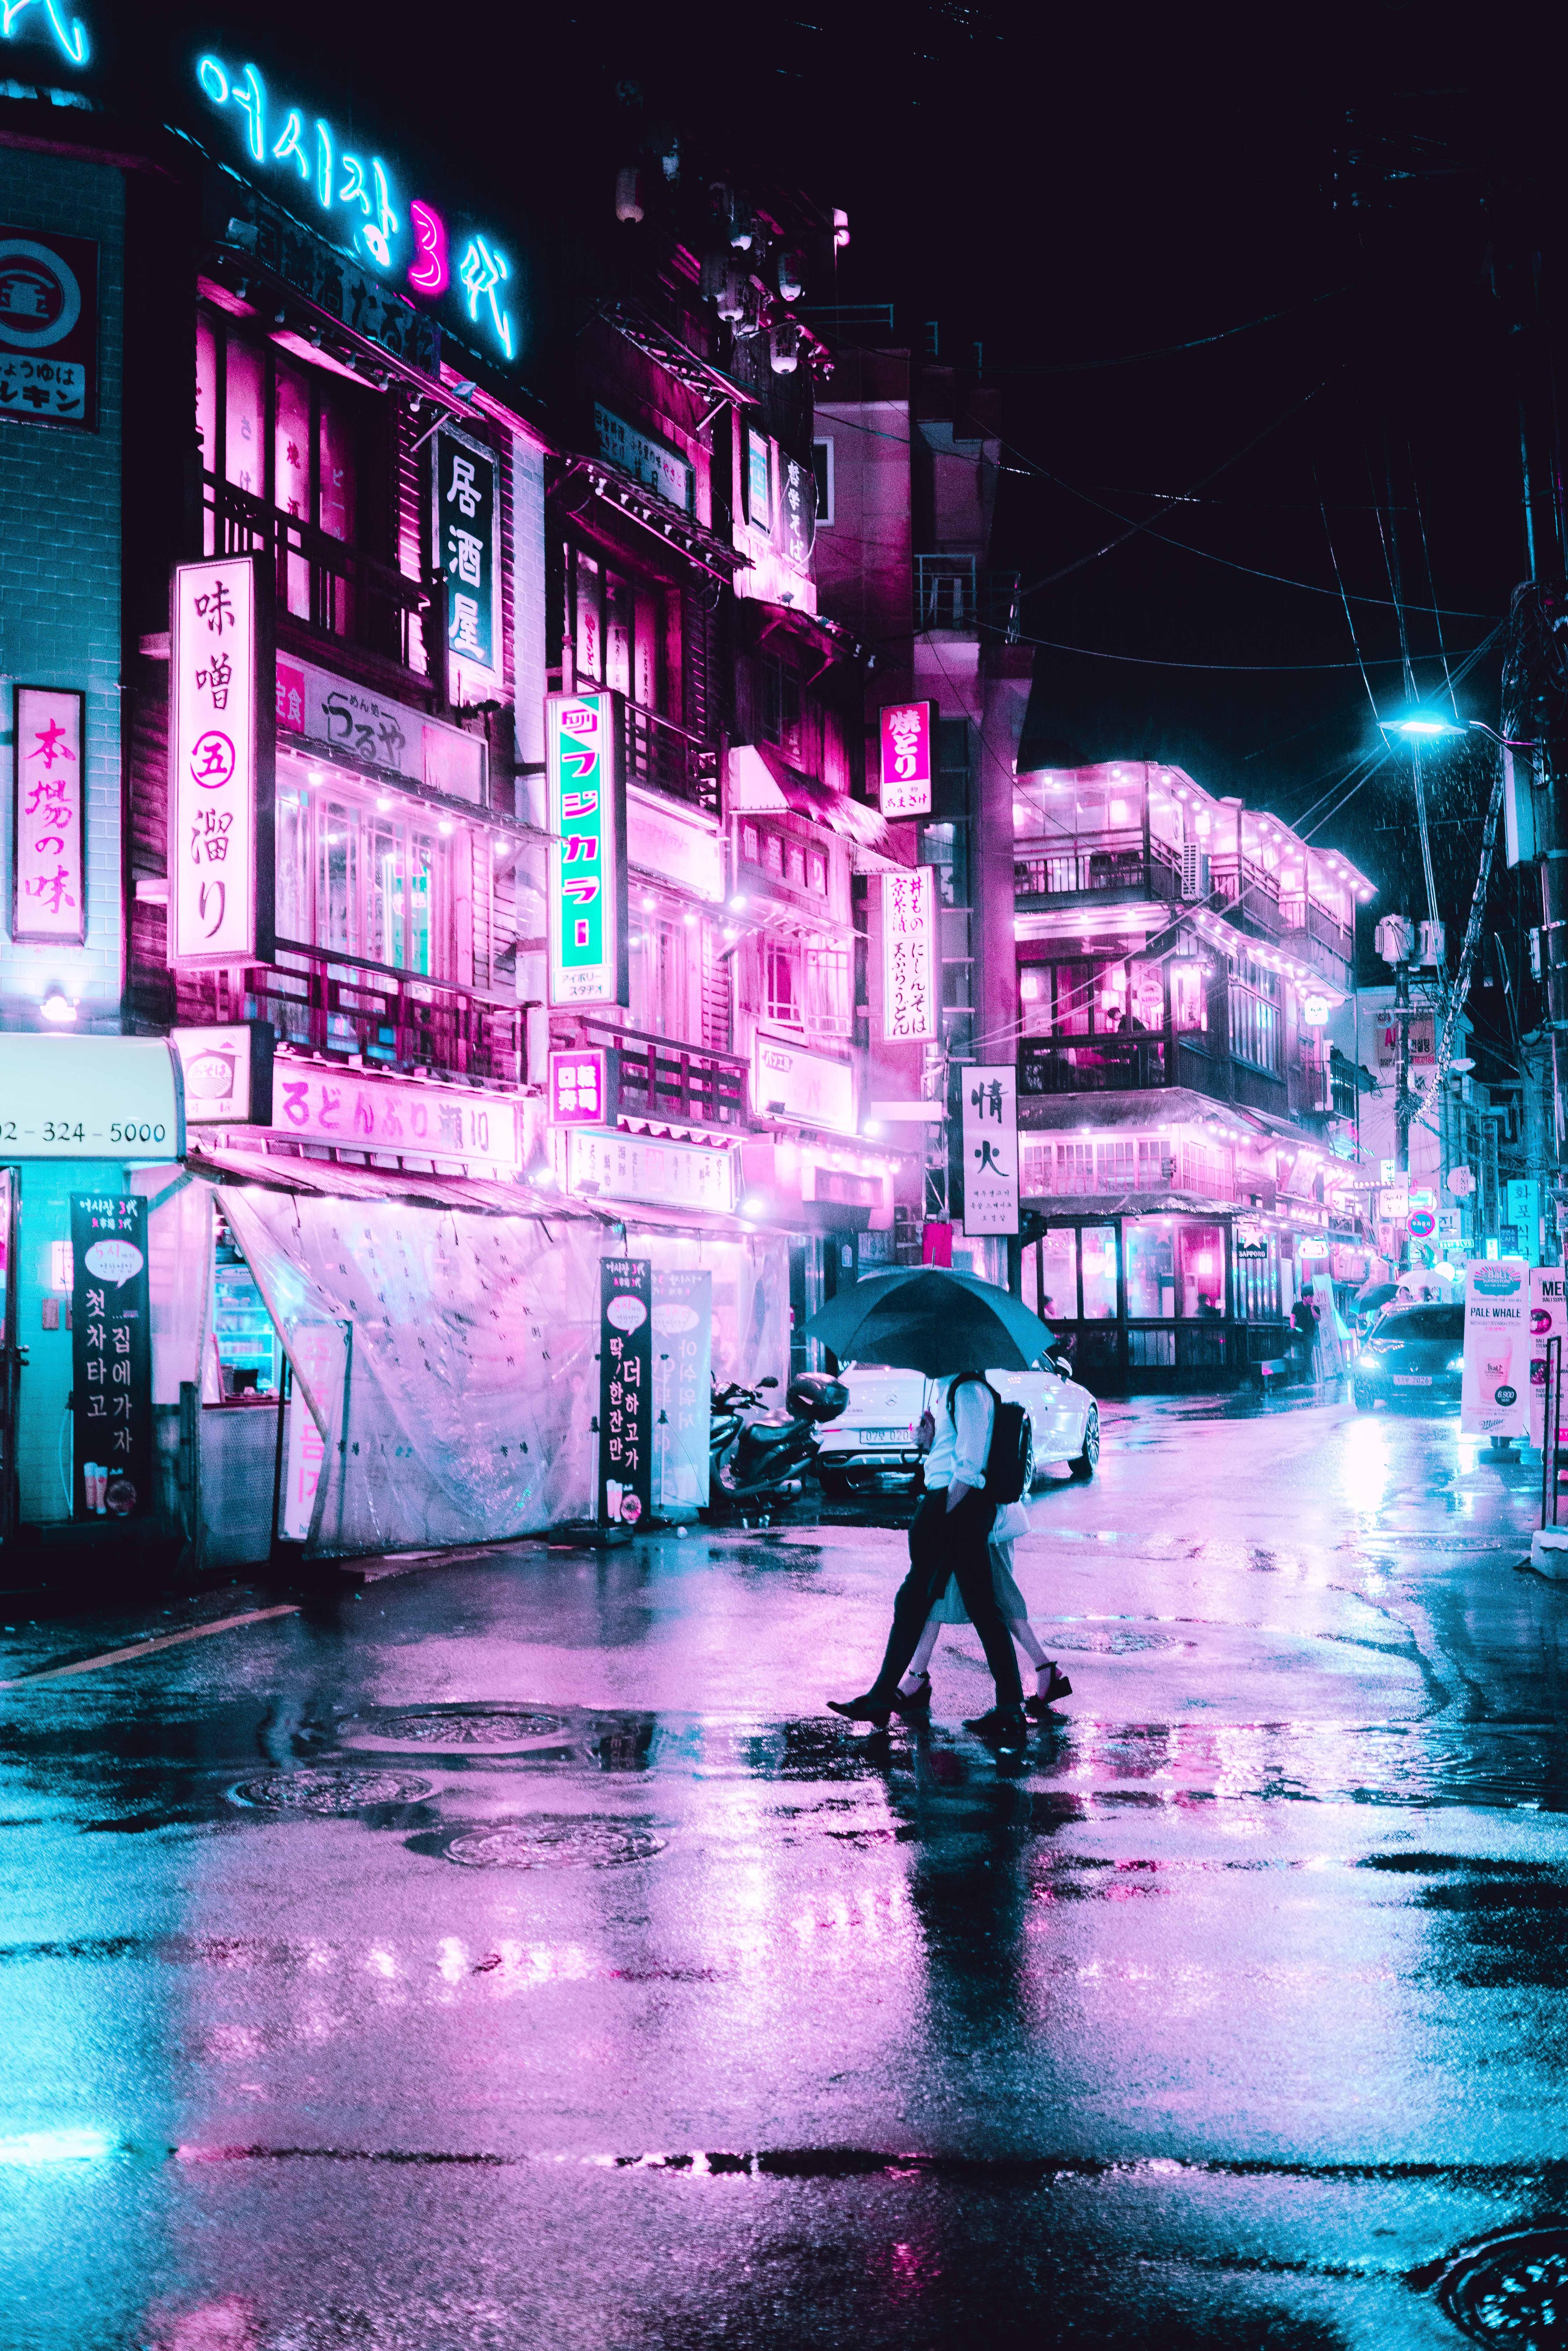 man under gray umbrella